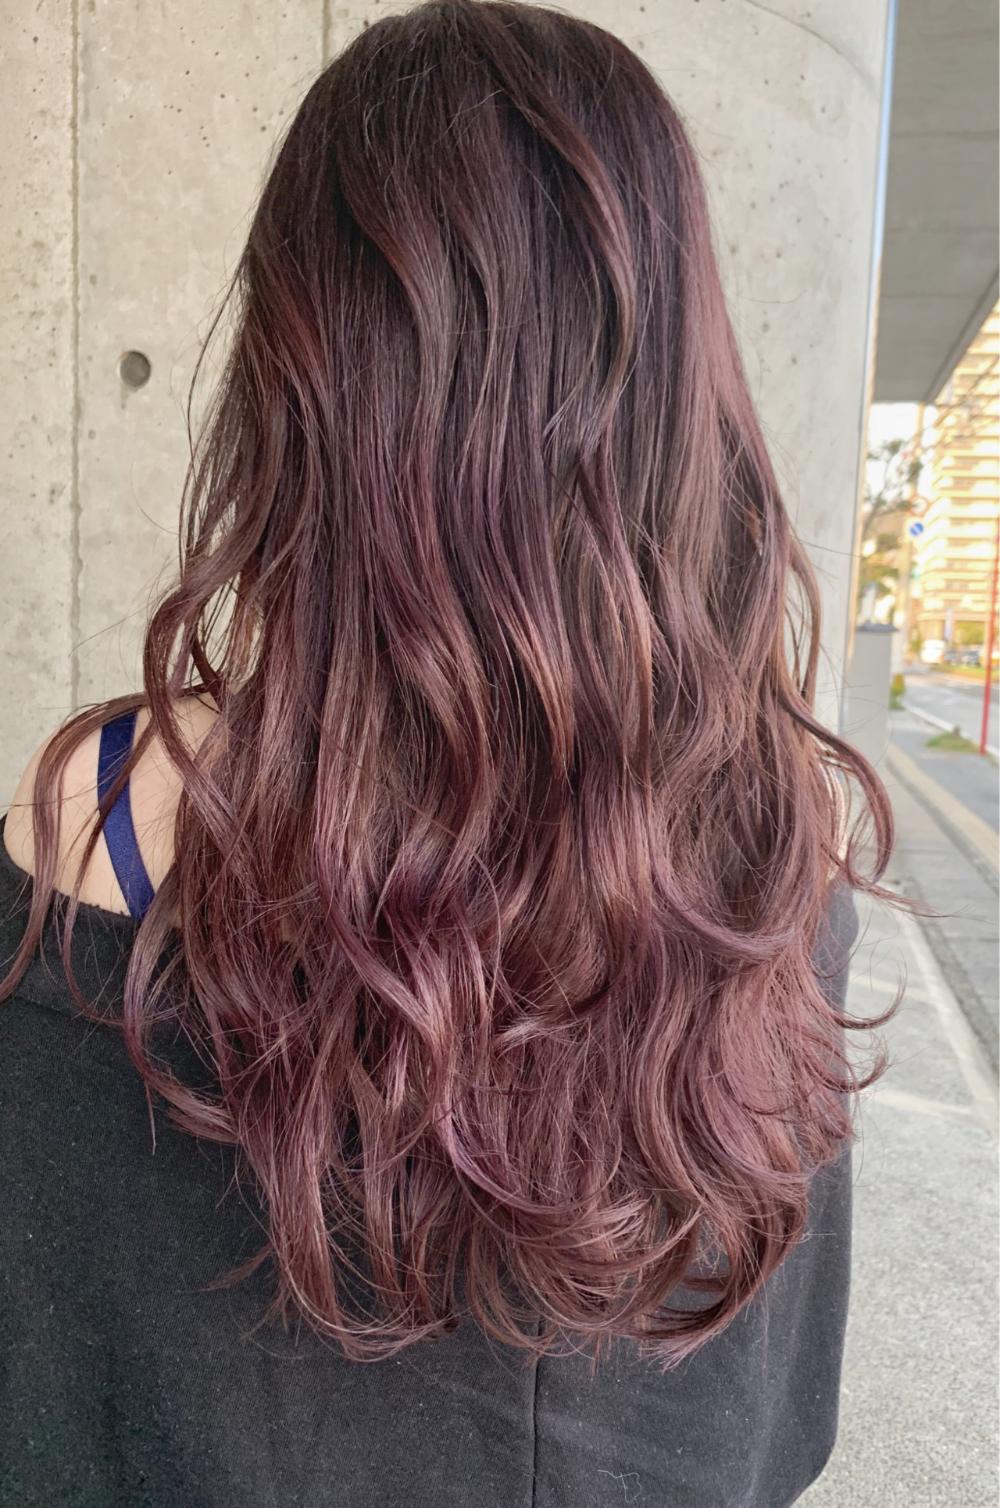 目に止まる可愛さ 2019年春夏 秋冬大注目の髪色をピックアップ 2020